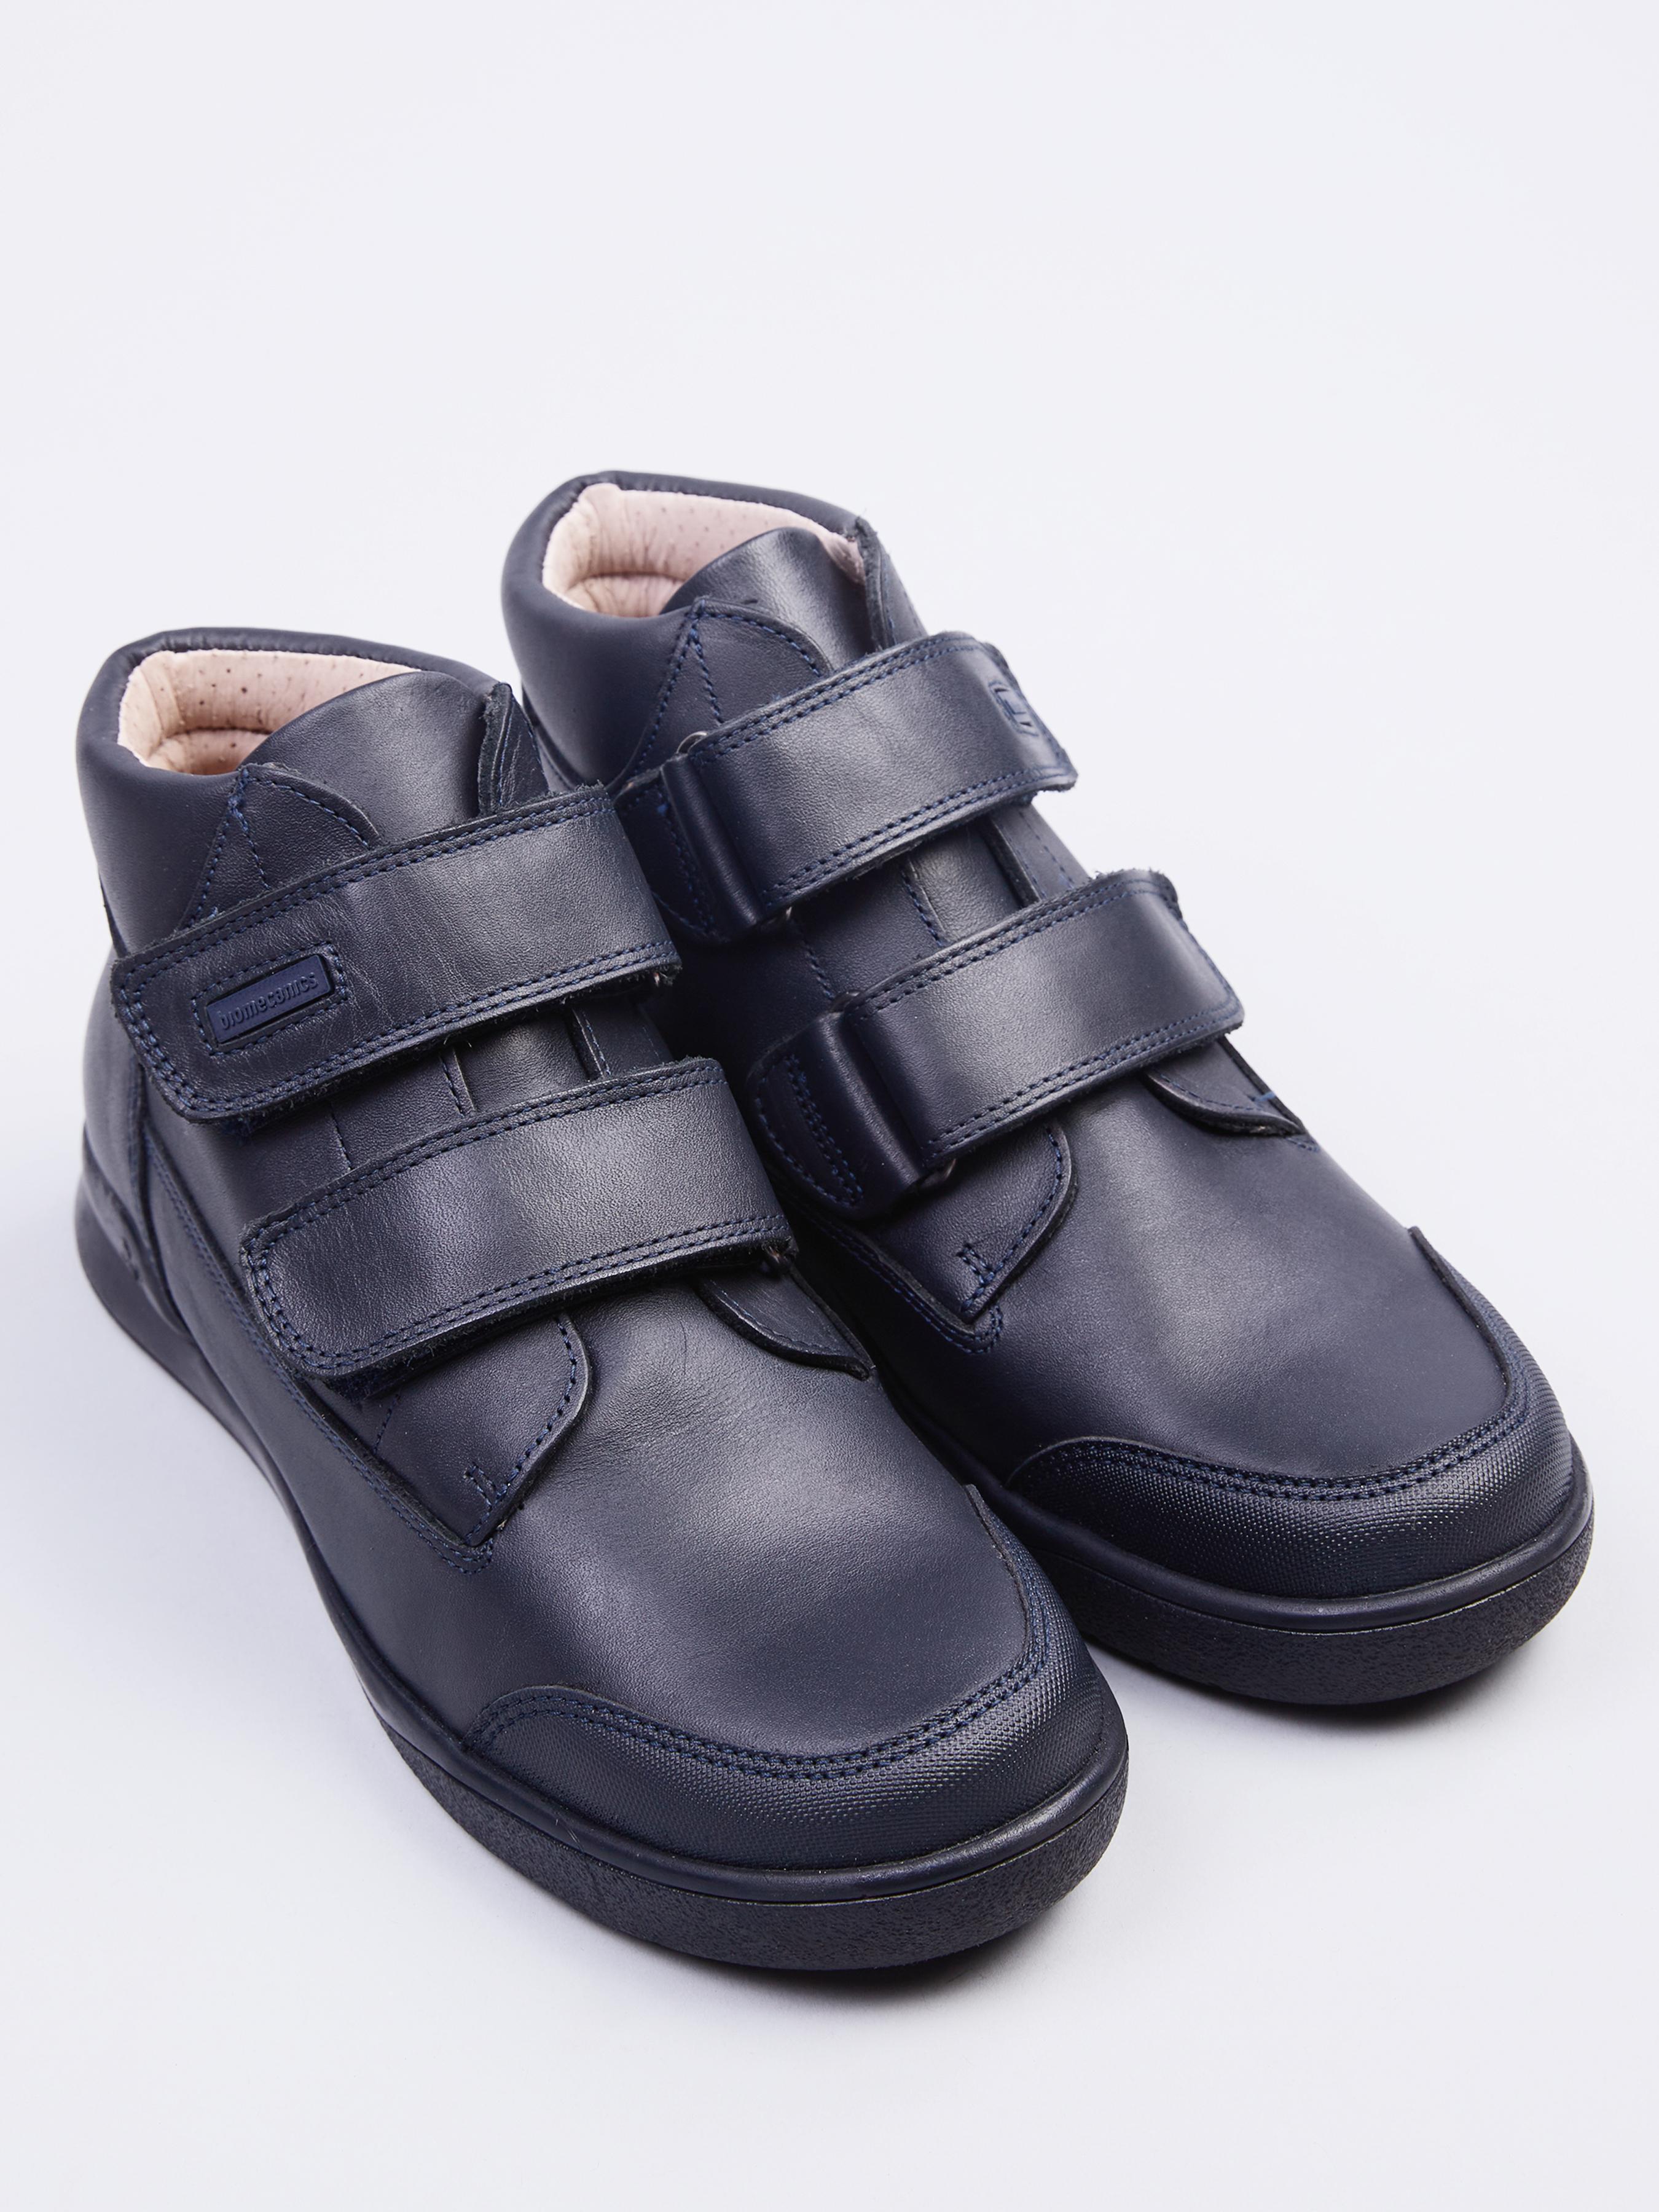 Ботинки для детей Biomecanics AZUL  MARINO (NAPA) YV322 модная обувь, 2017